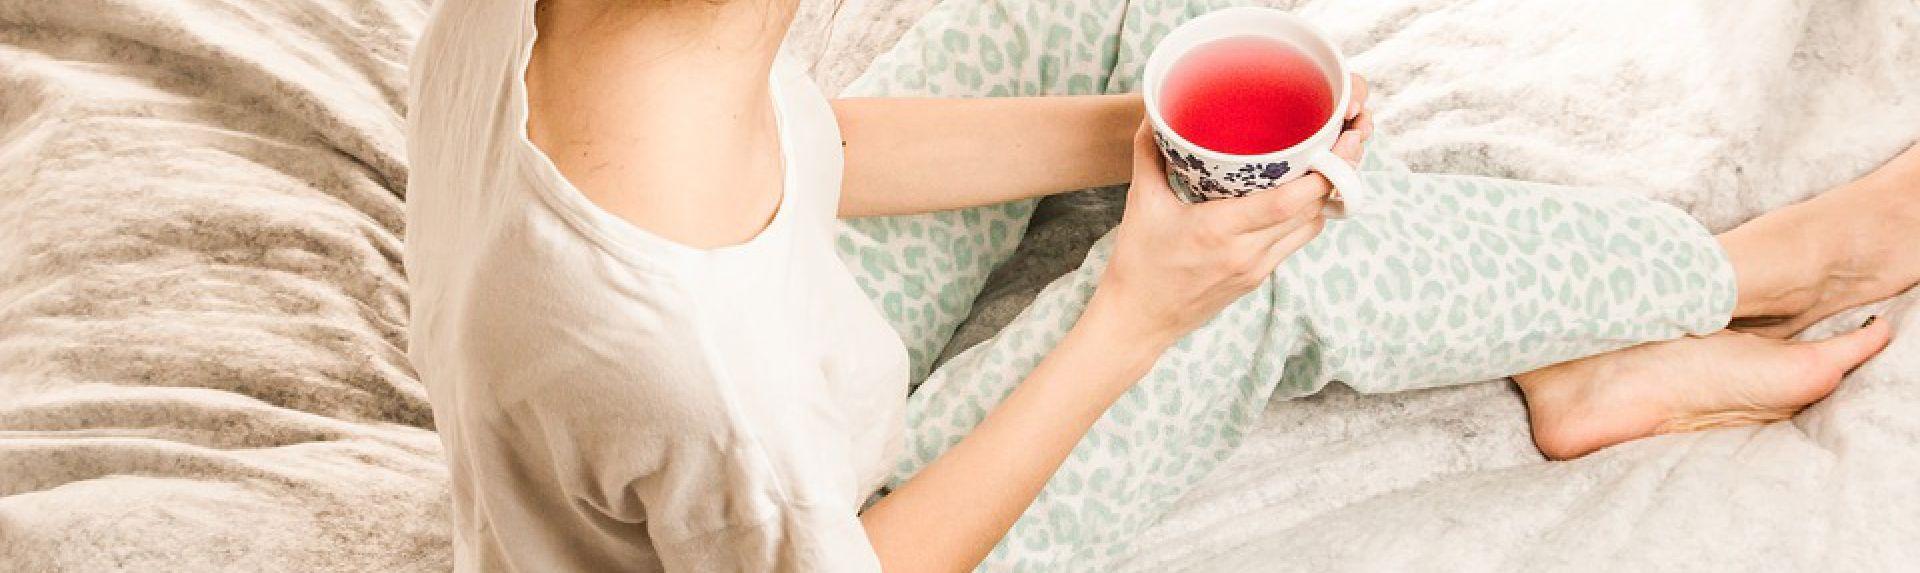 Головные боли в период менопаузы: как бороться?